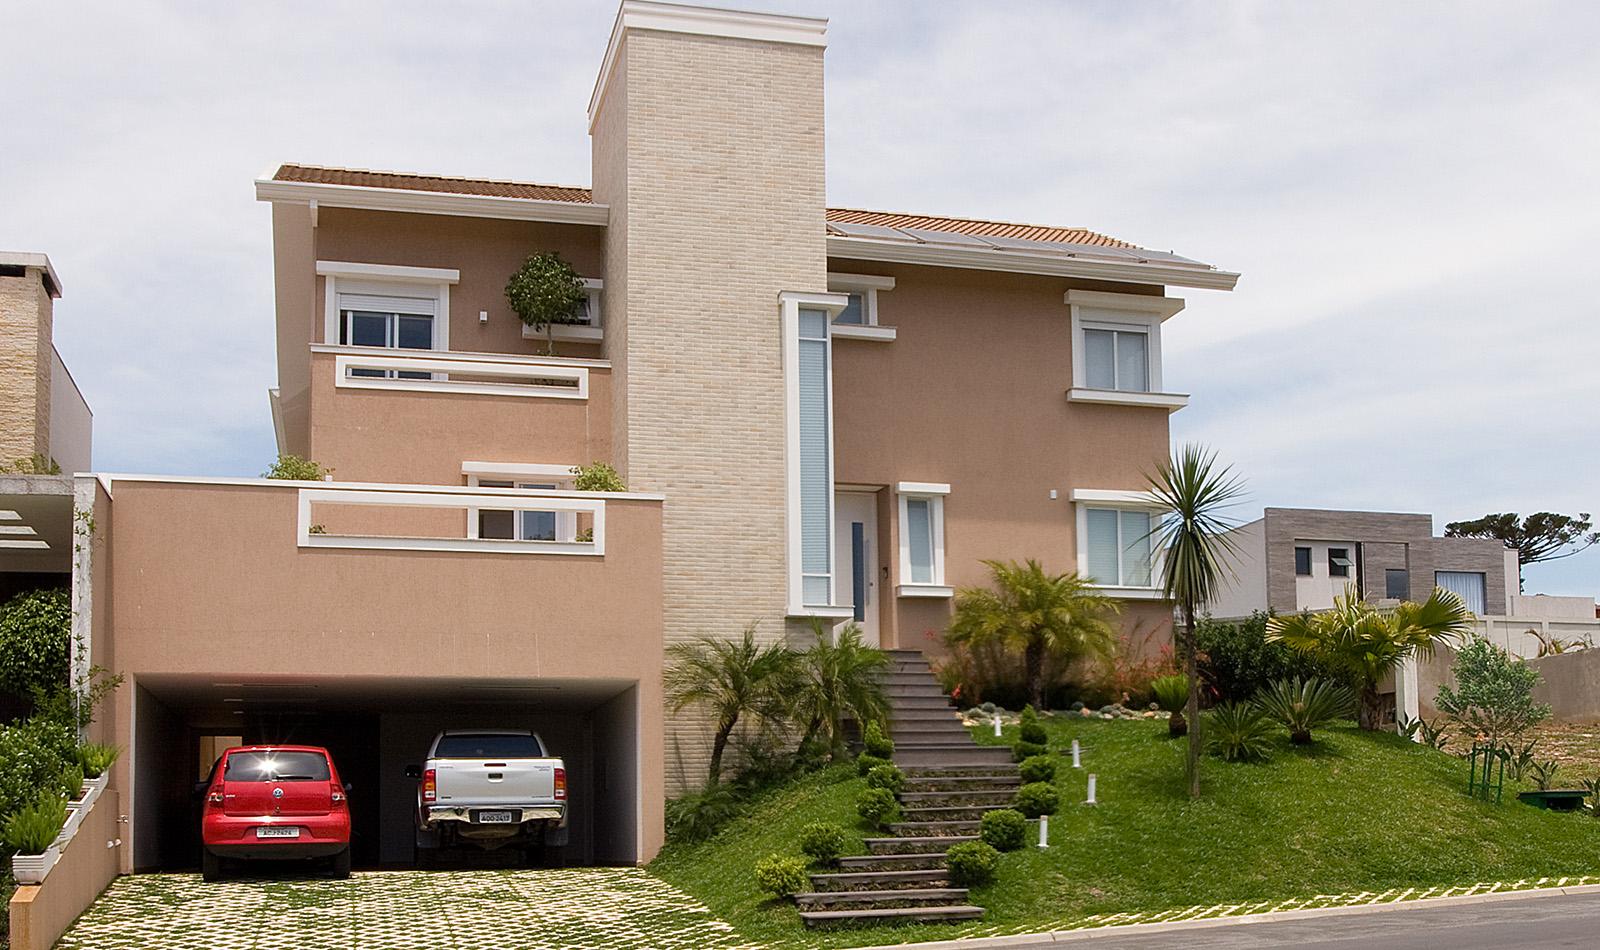 residencia-condominio-002